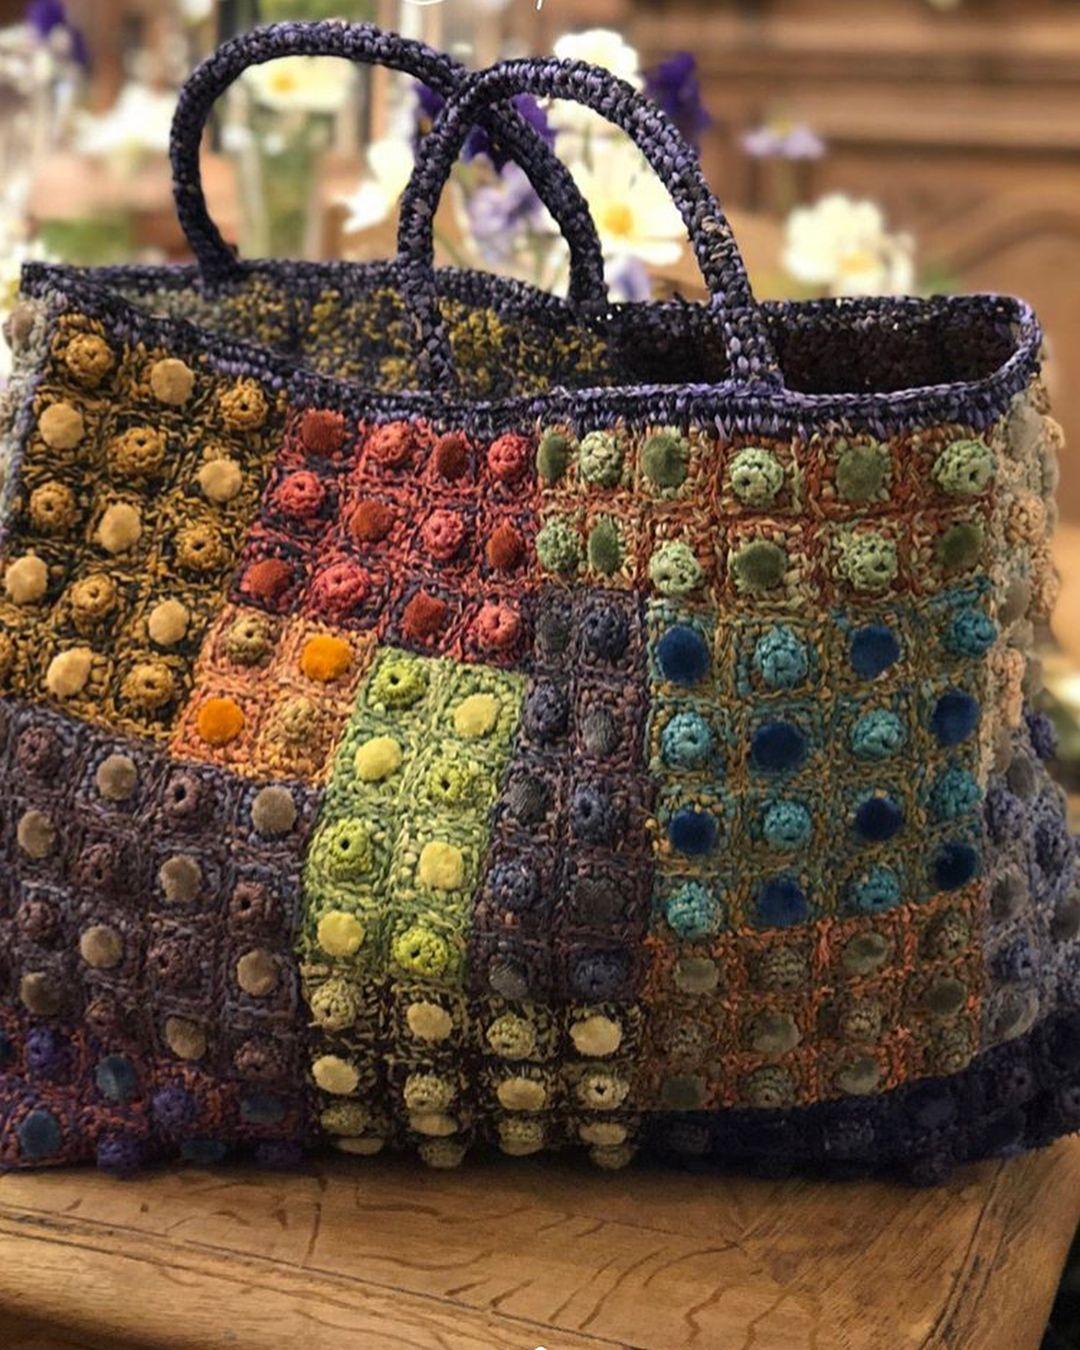 Napraforgós táska | Táska, Horgolt táskák, Horgolás